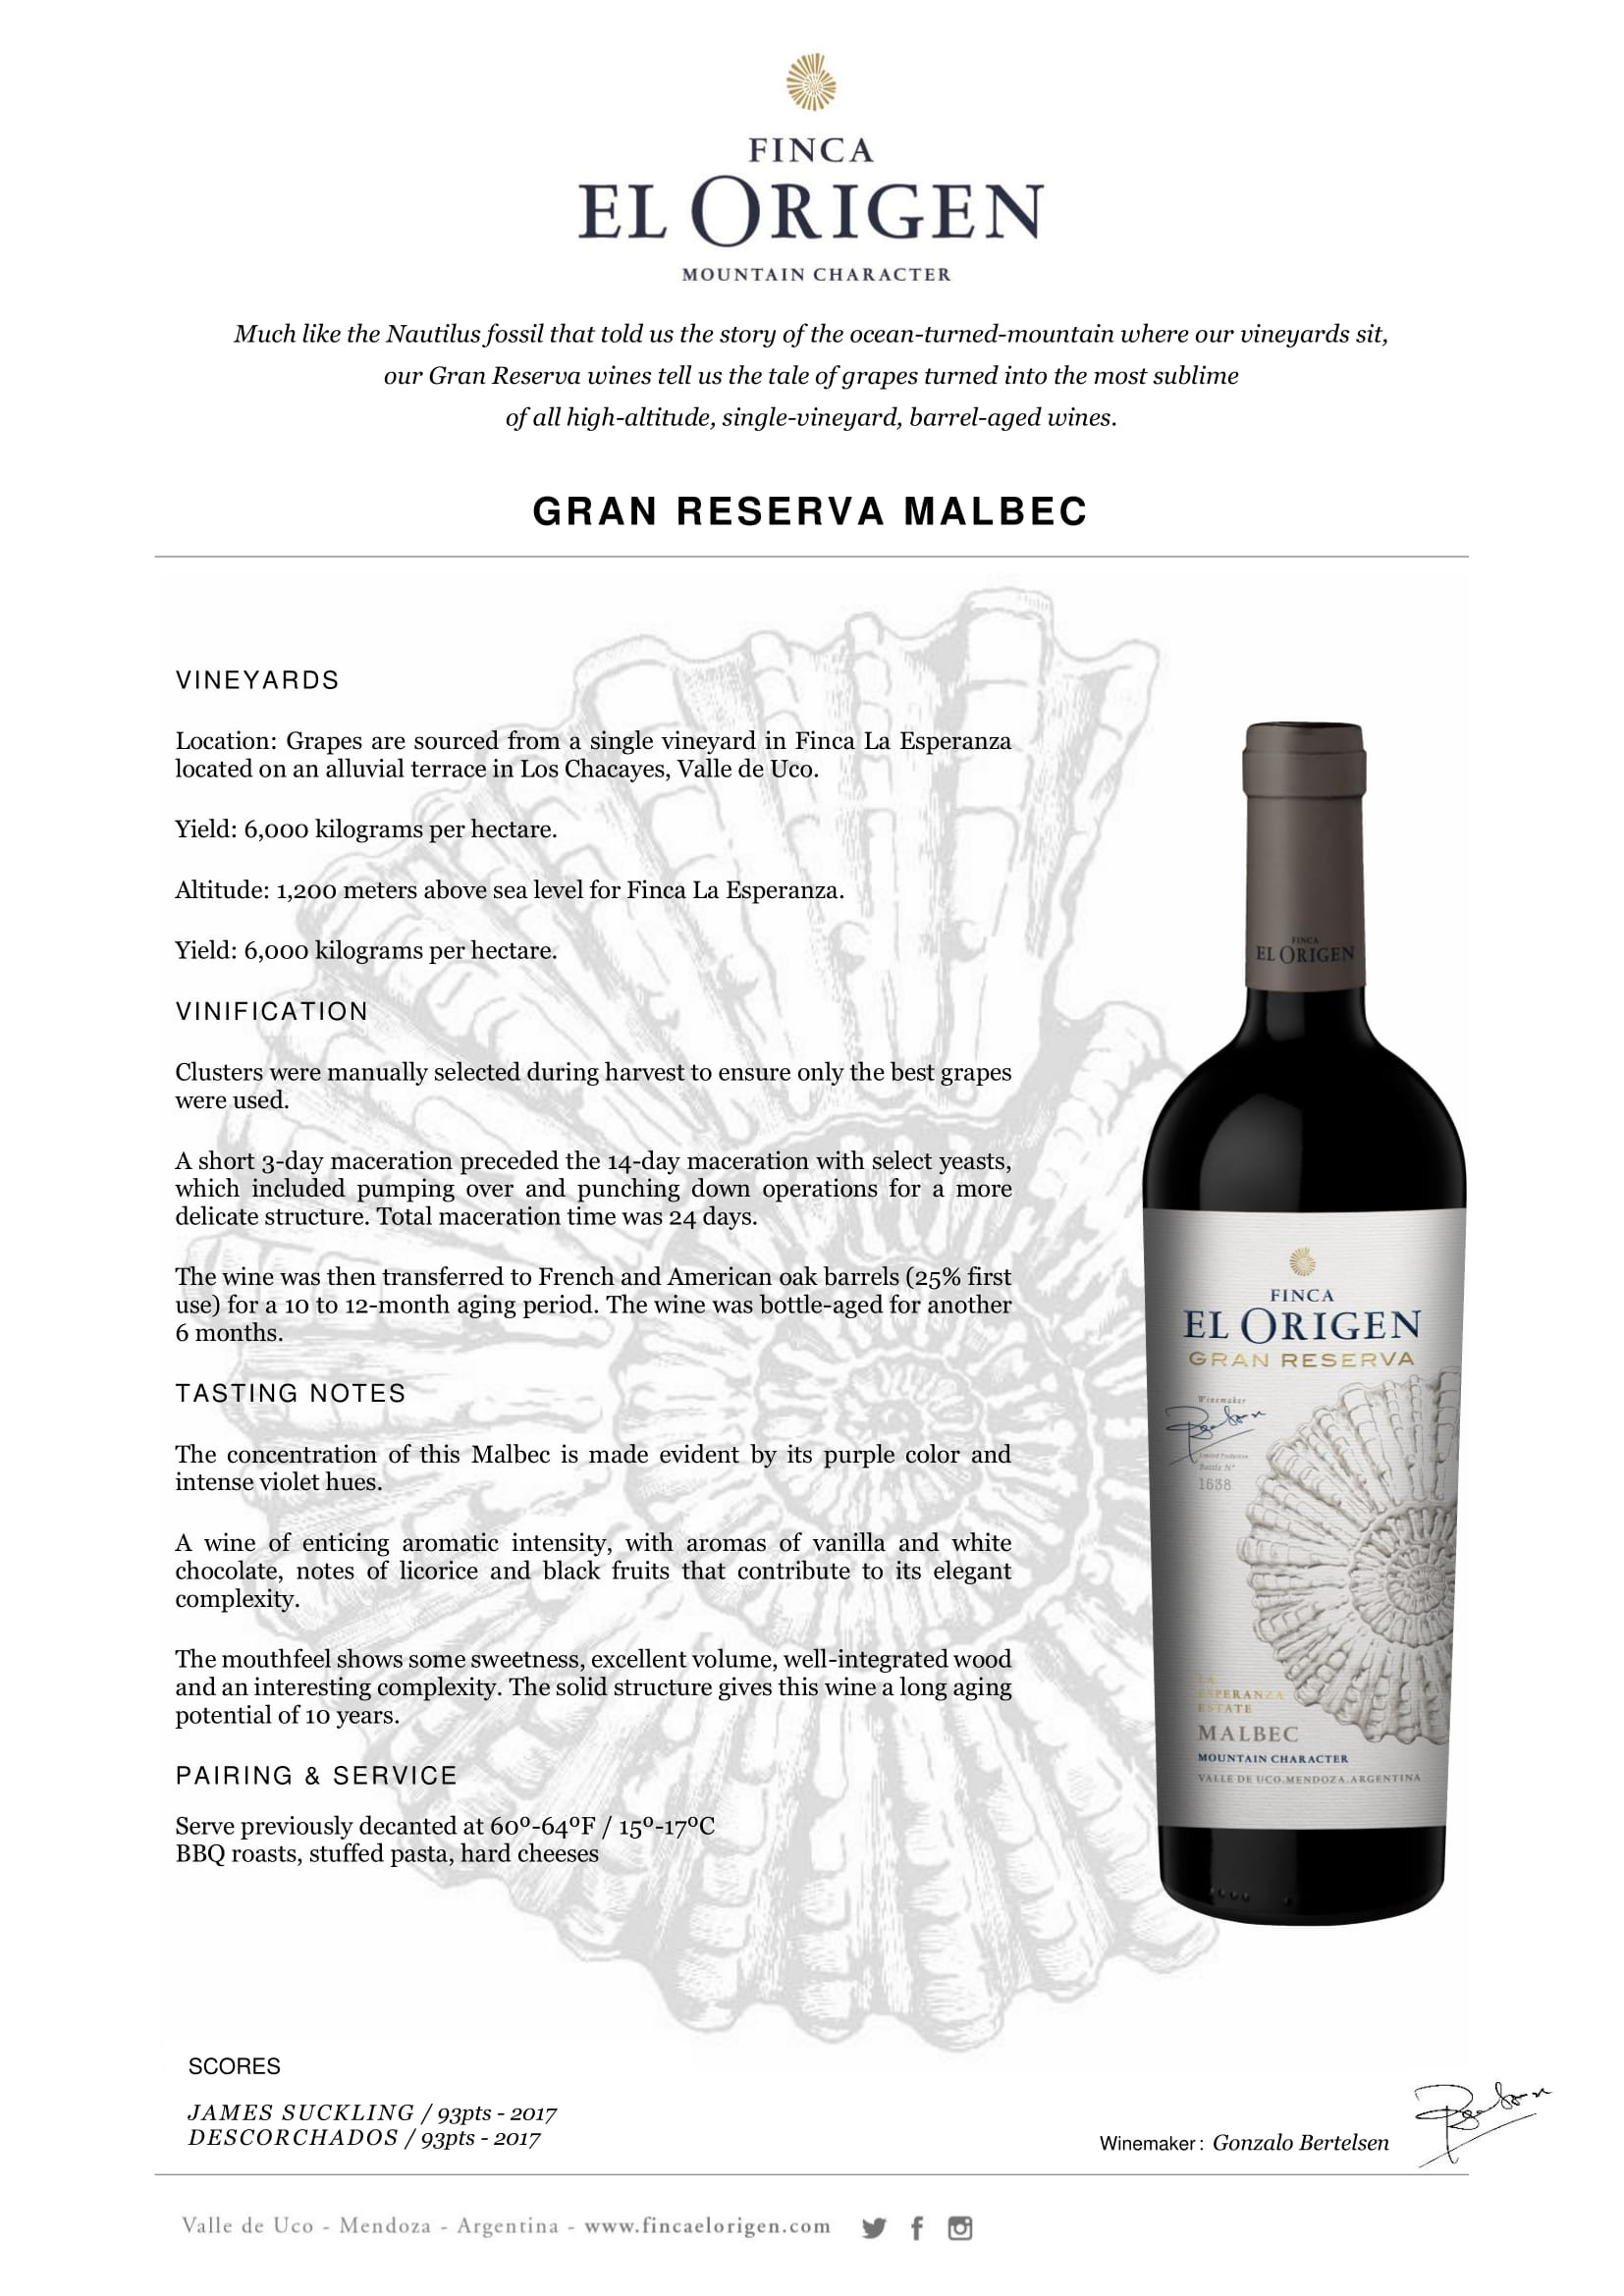 Finca El Origen Gran Reserva Malbec Tech Sheet